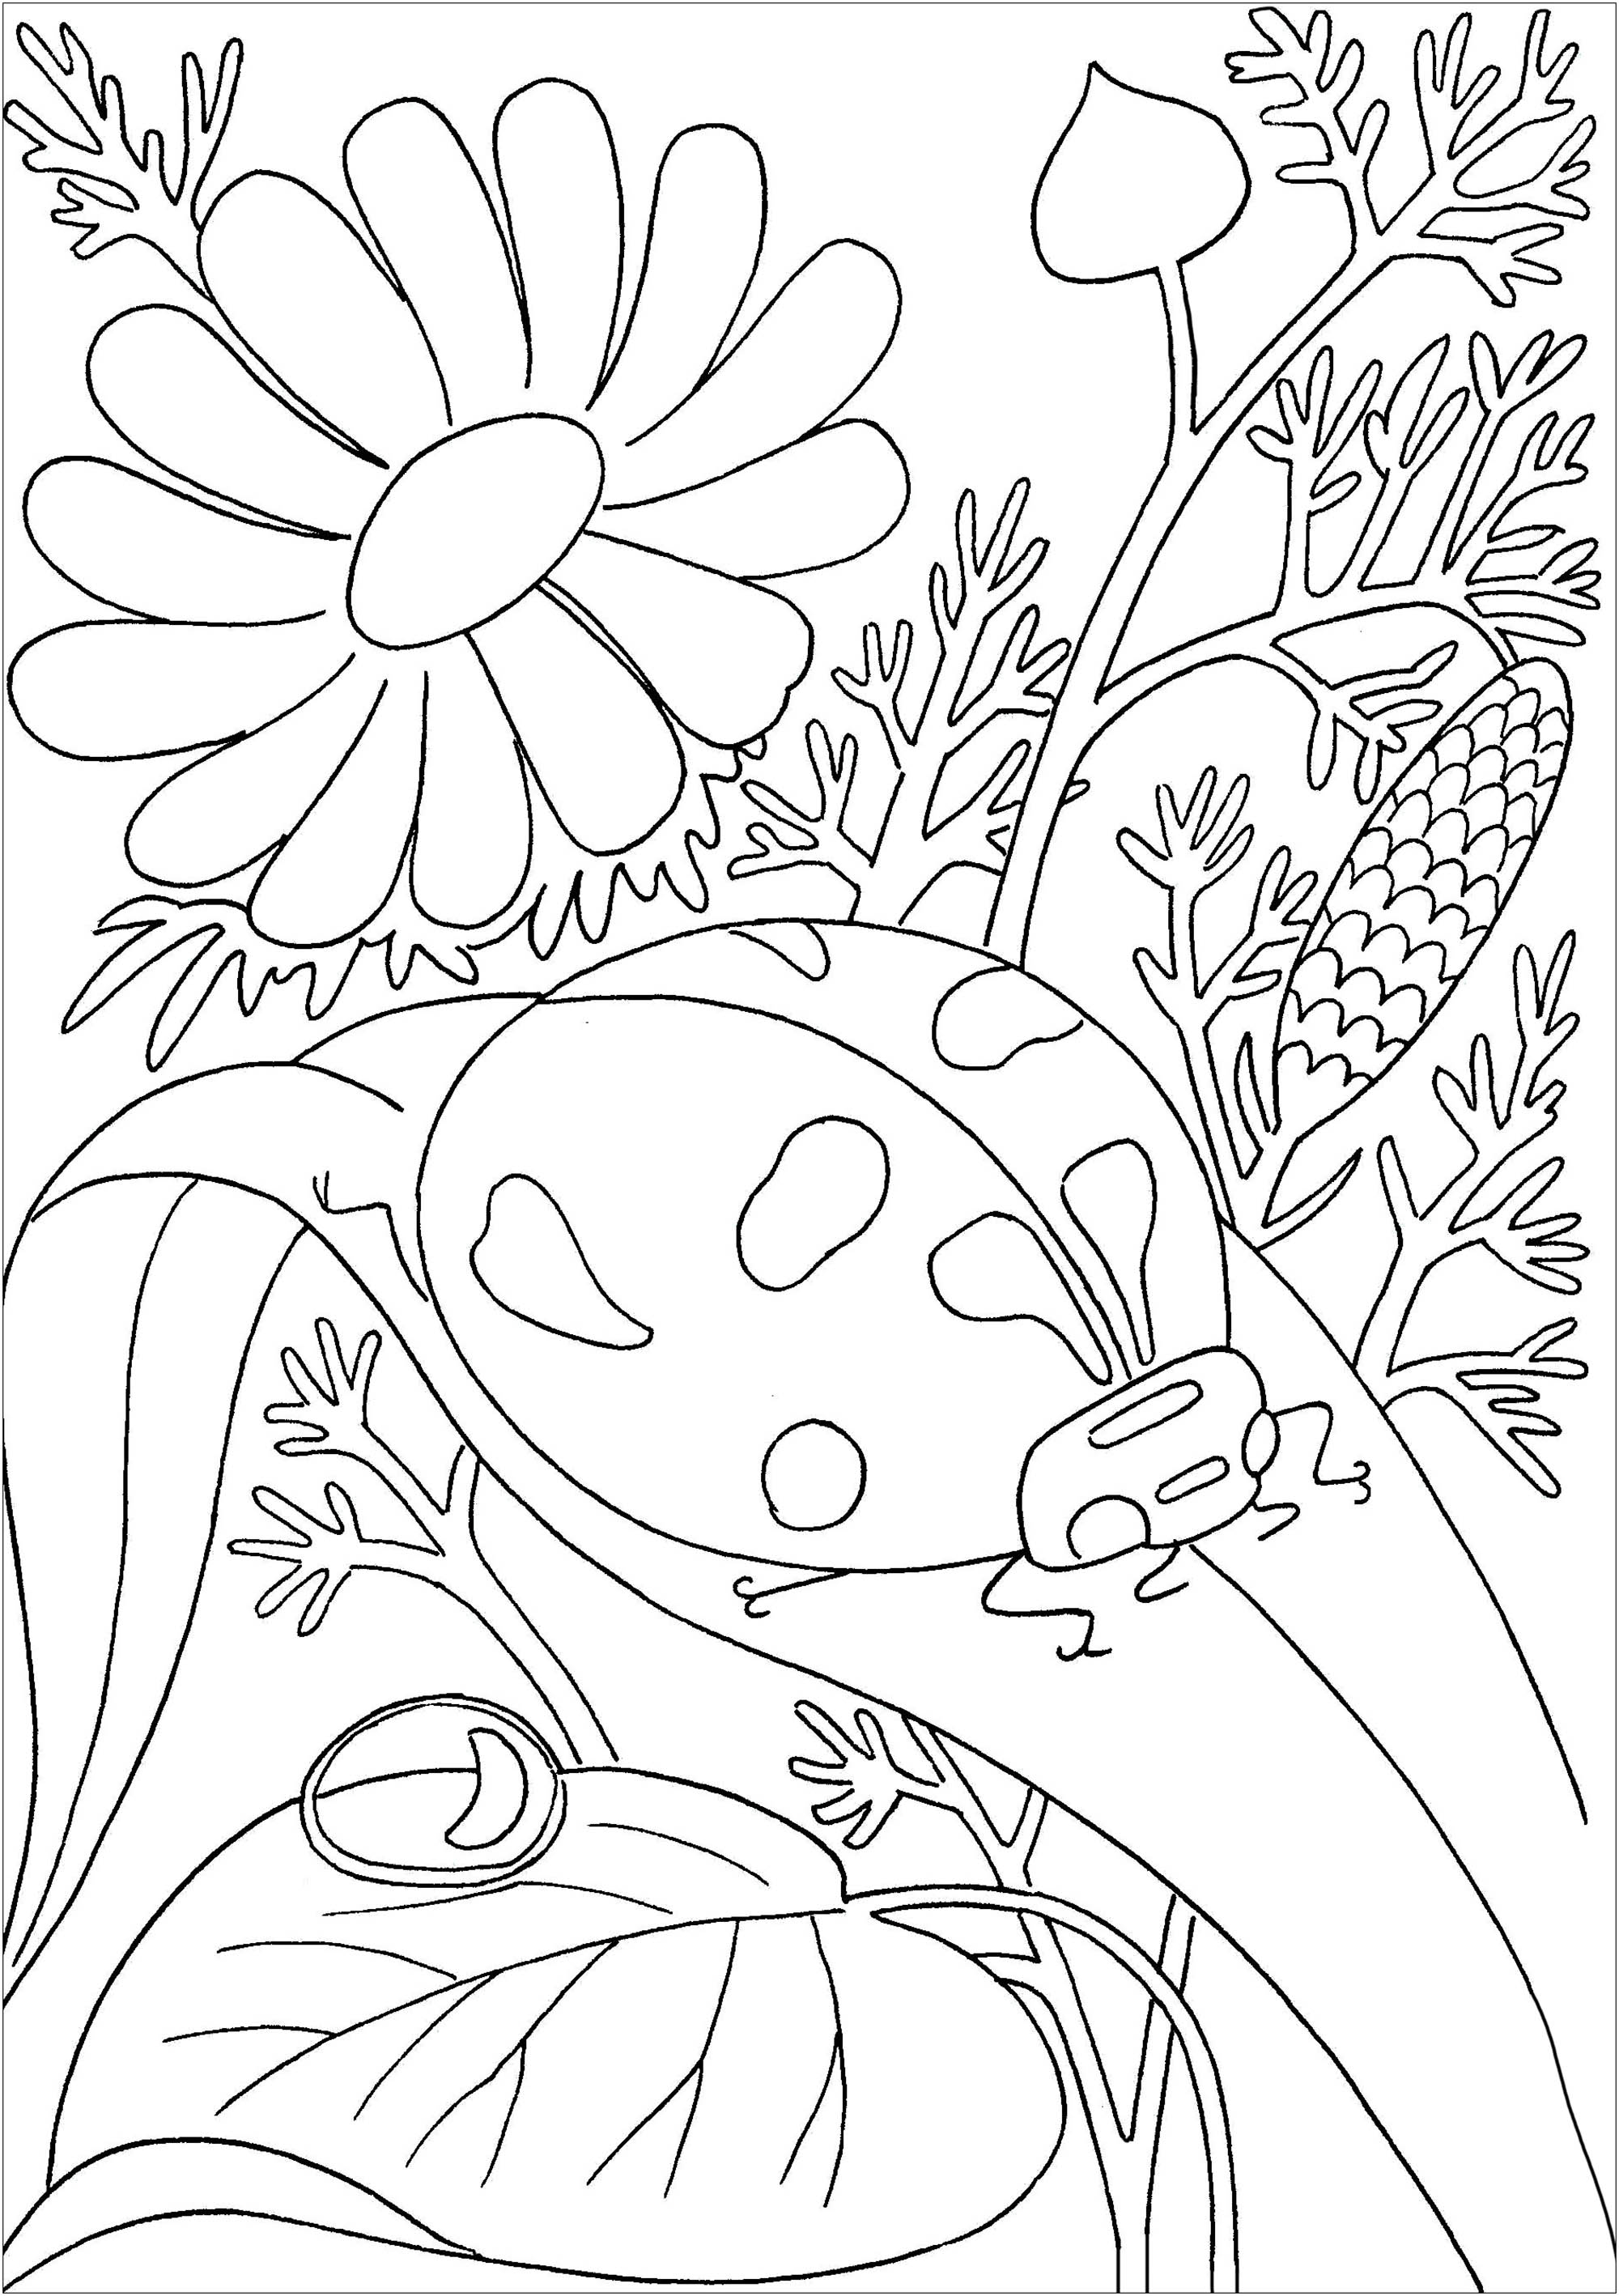 Colorear para Adultos : Mariposas e insectos - 2